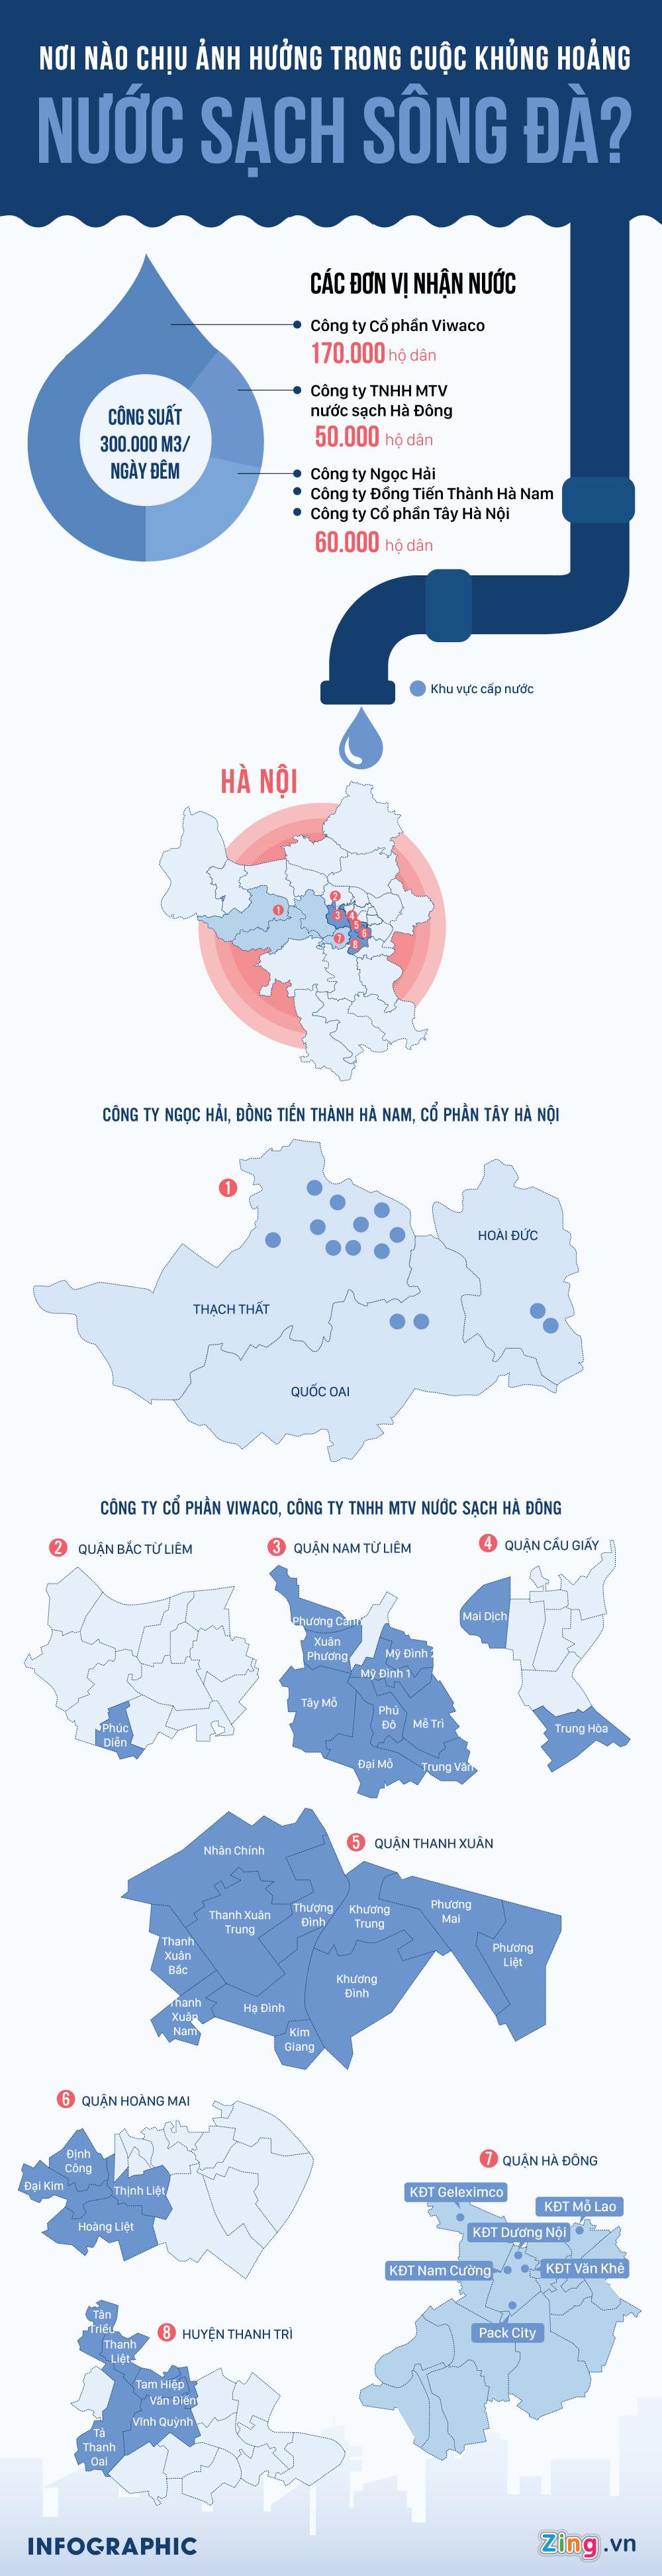 Nơi nào chịu ảnh hưởng trong cuộc khủng hoảng nước sạch sông Đà?-1